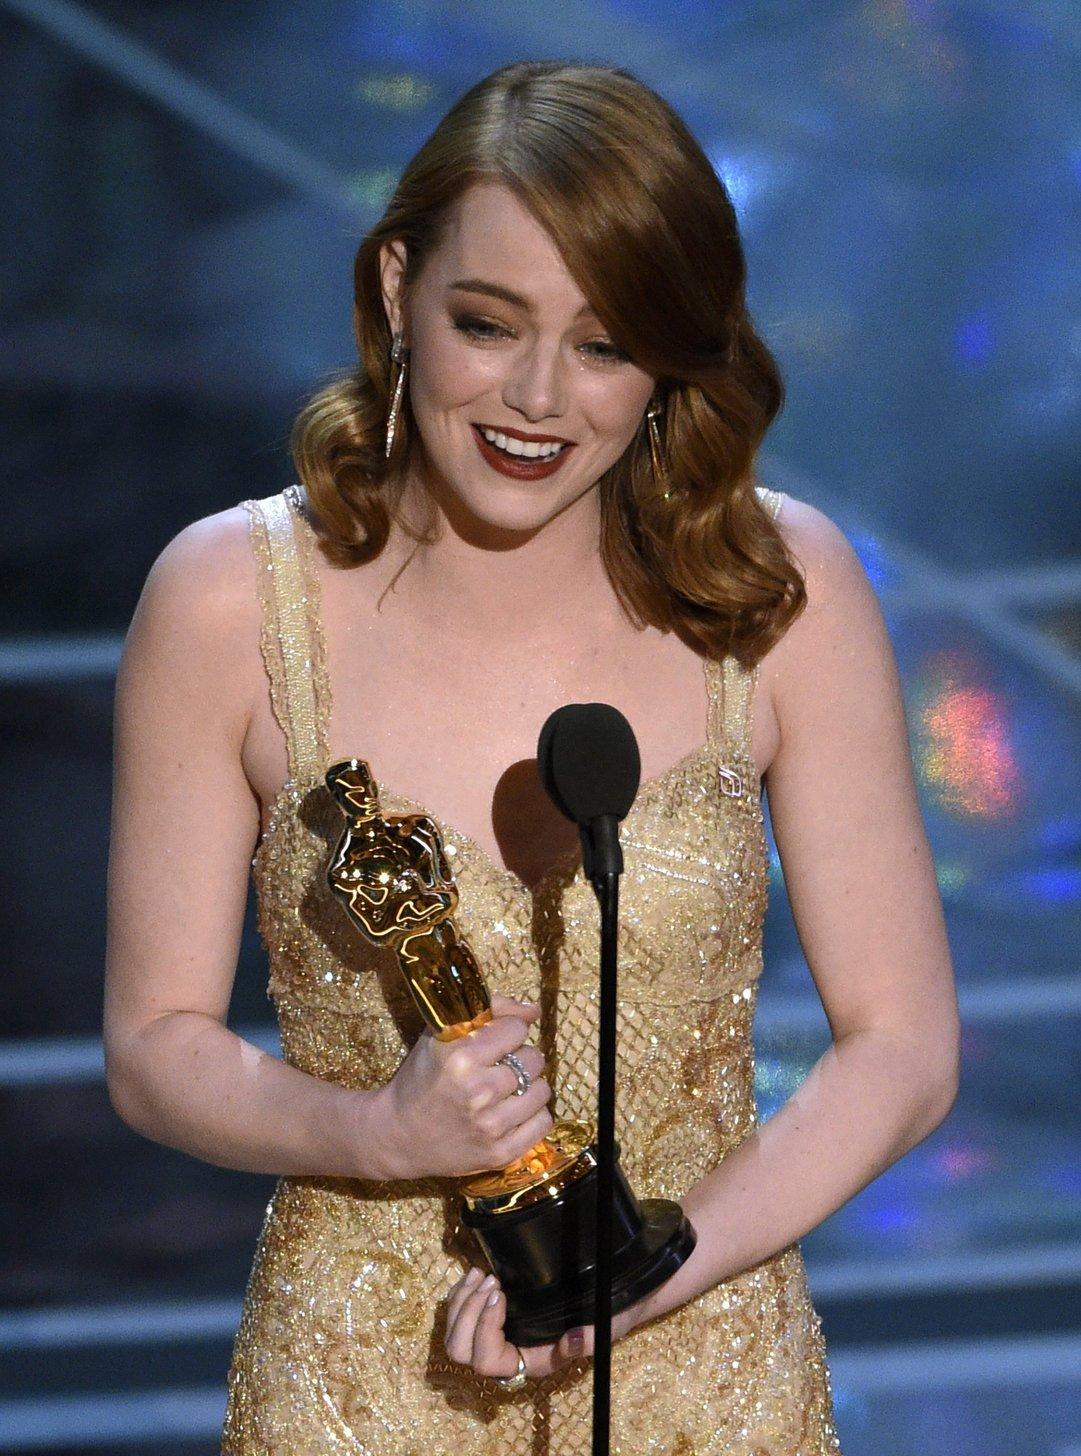 Emma Stone amerikai színésznő a legjobb női főszereplőnek járó díjjal a 89. Oscar-gálán a Los Angeles-i Dolby Színházban 2017. február 26-án. Stone a Kaliforniai álom (La La Land) című  filmben nyújtott alakításáért részesült az elismerésben.  (MTI/AP/Chris Pizzello)